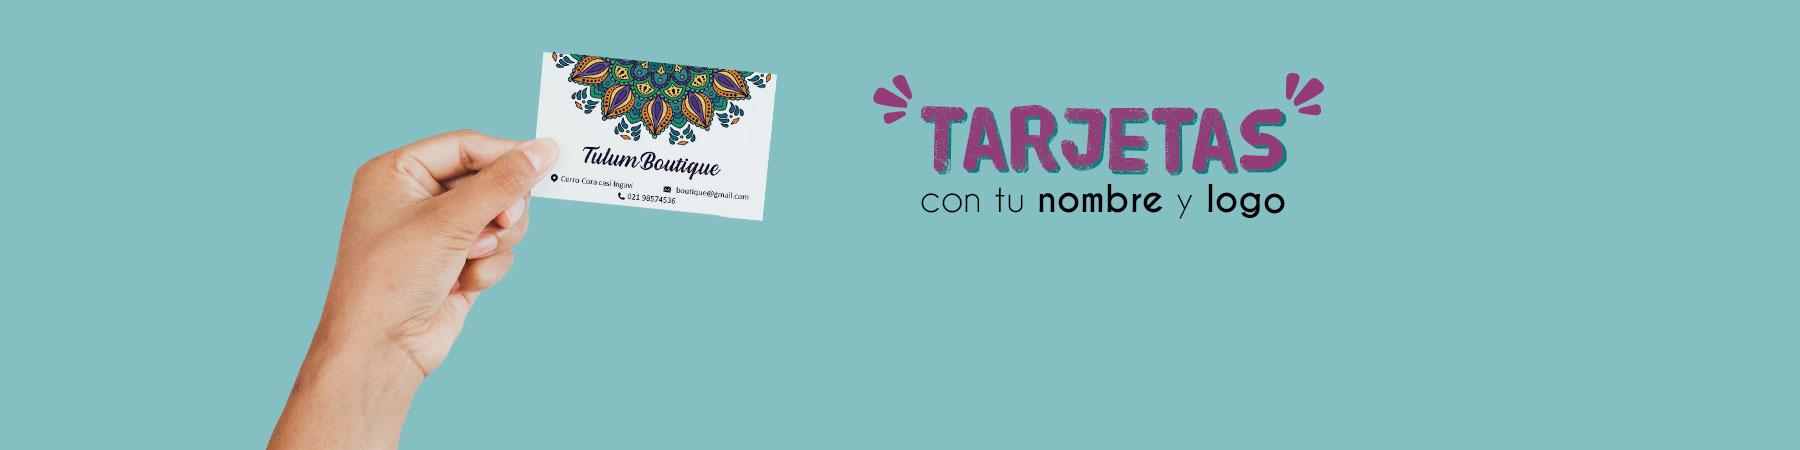 slide_tarjetas_personales